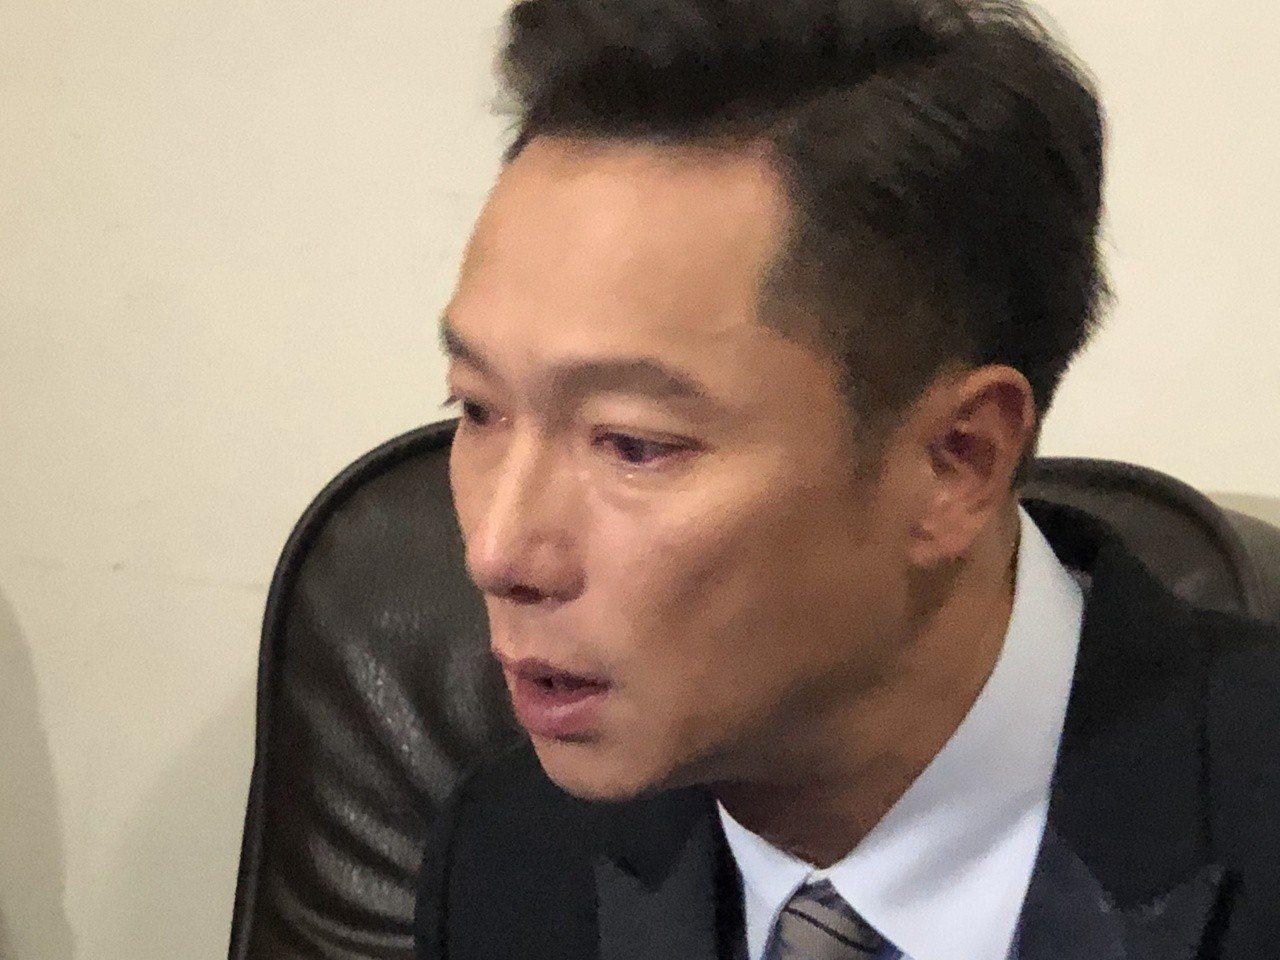 藝人謝祖武近日在本土偶像劇中飾演一位事業有成,卻罹患失智的中年父親。 記者劉嘉...